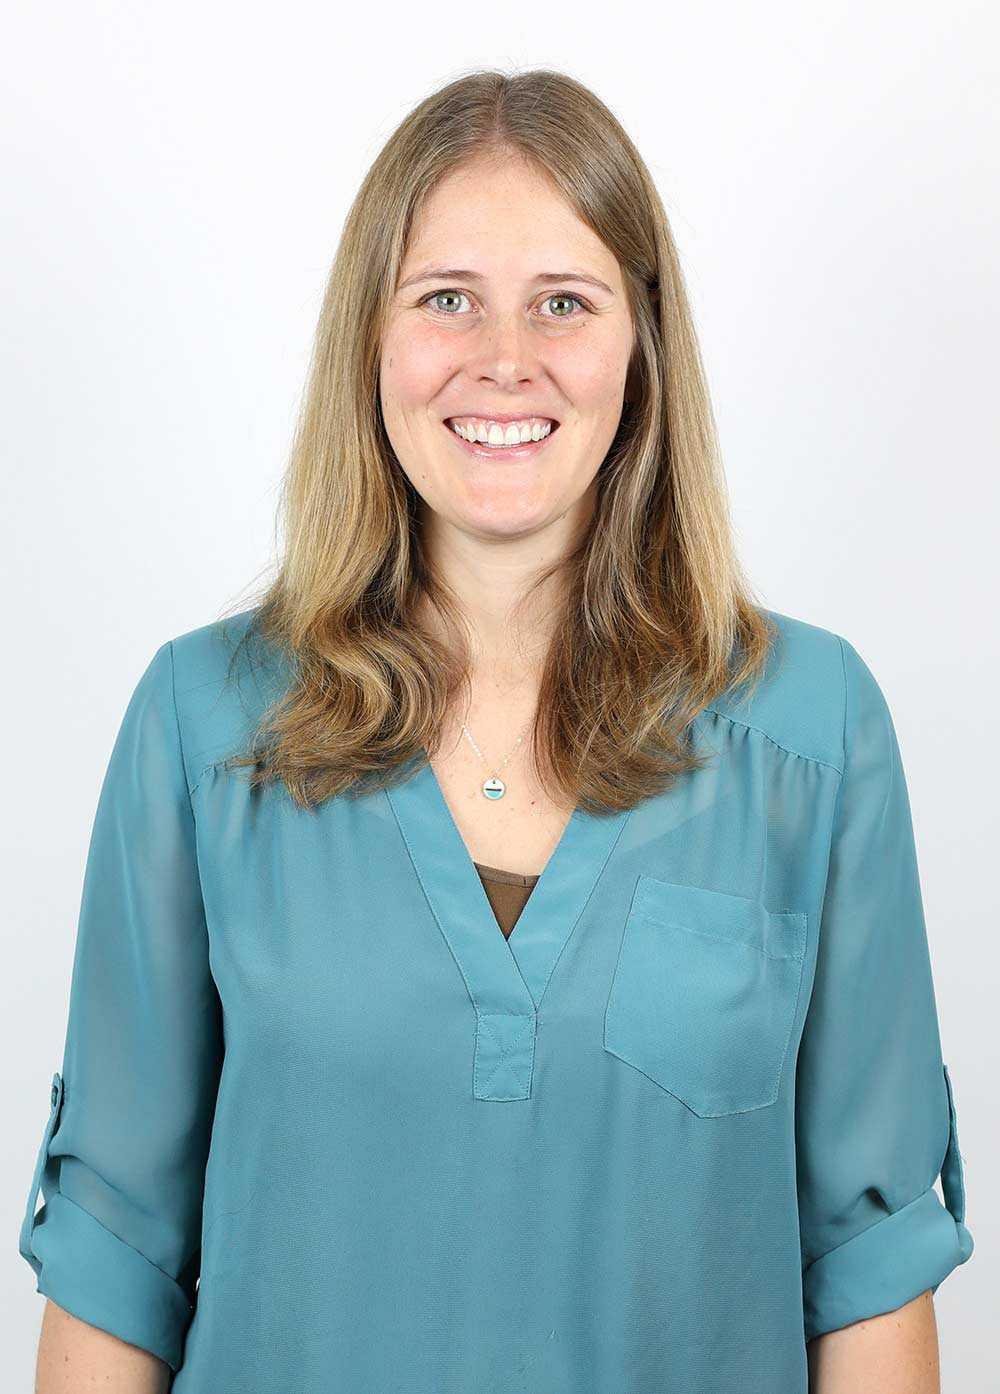 Headshot of Lindsey Wineholt